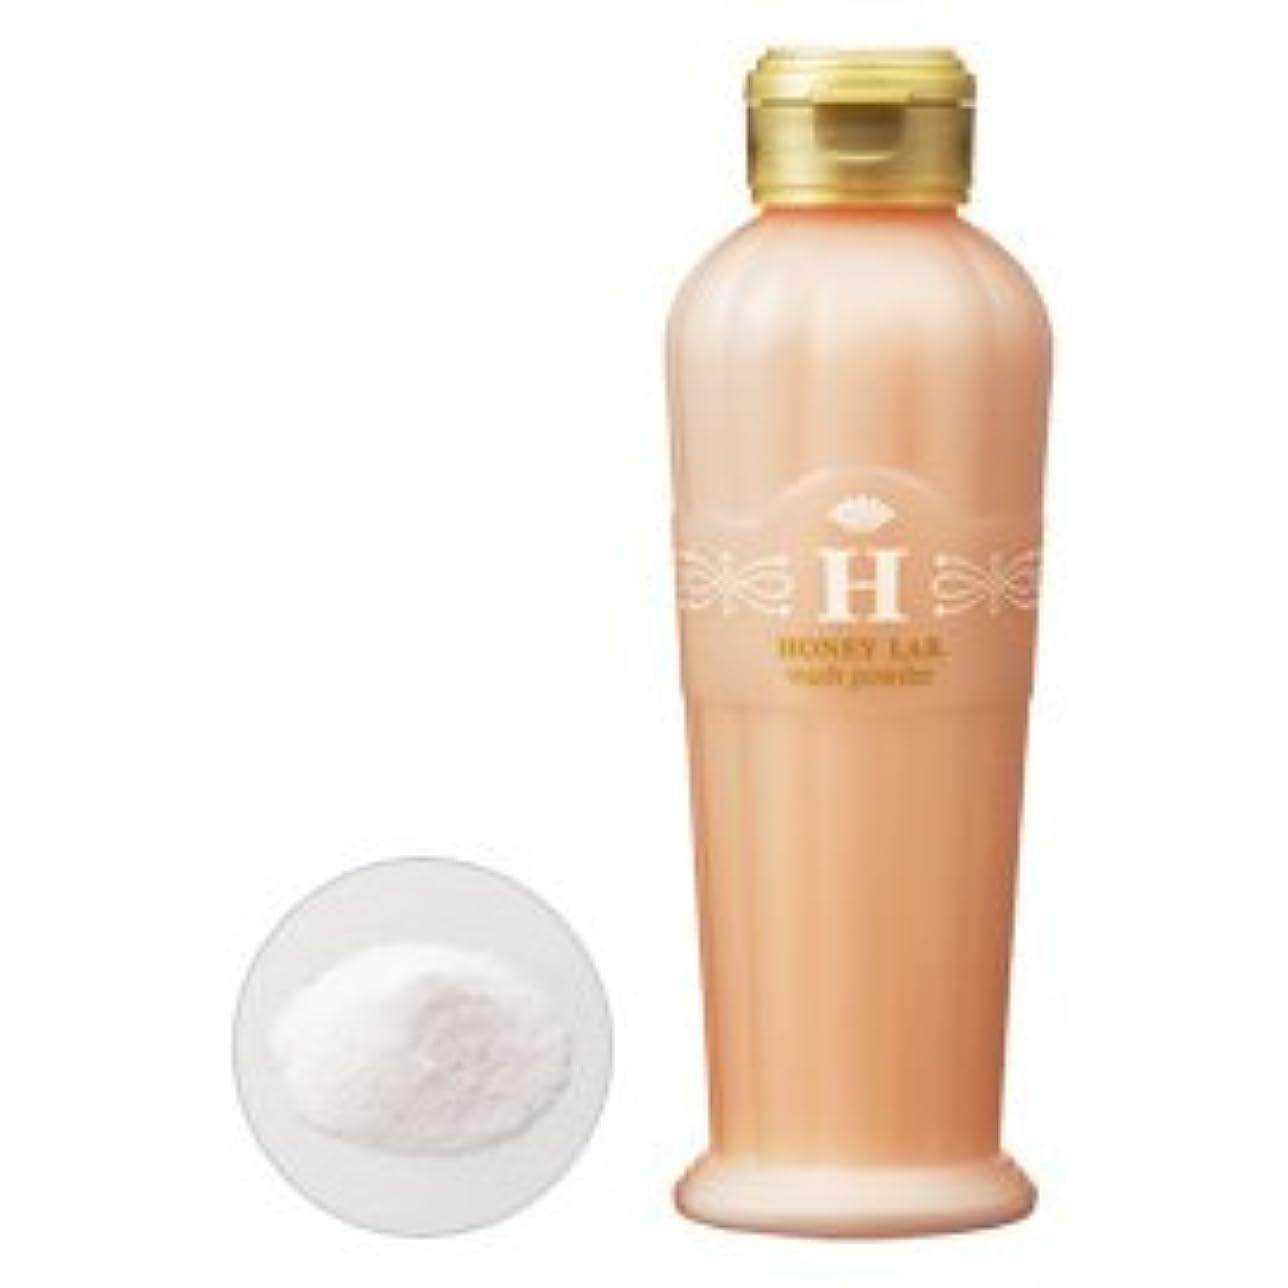 配送書き出す銀ハニーラボ 洗顔パウダー 粉末状洗顔料 60g/Honey lab Face Wash Powder <60g>